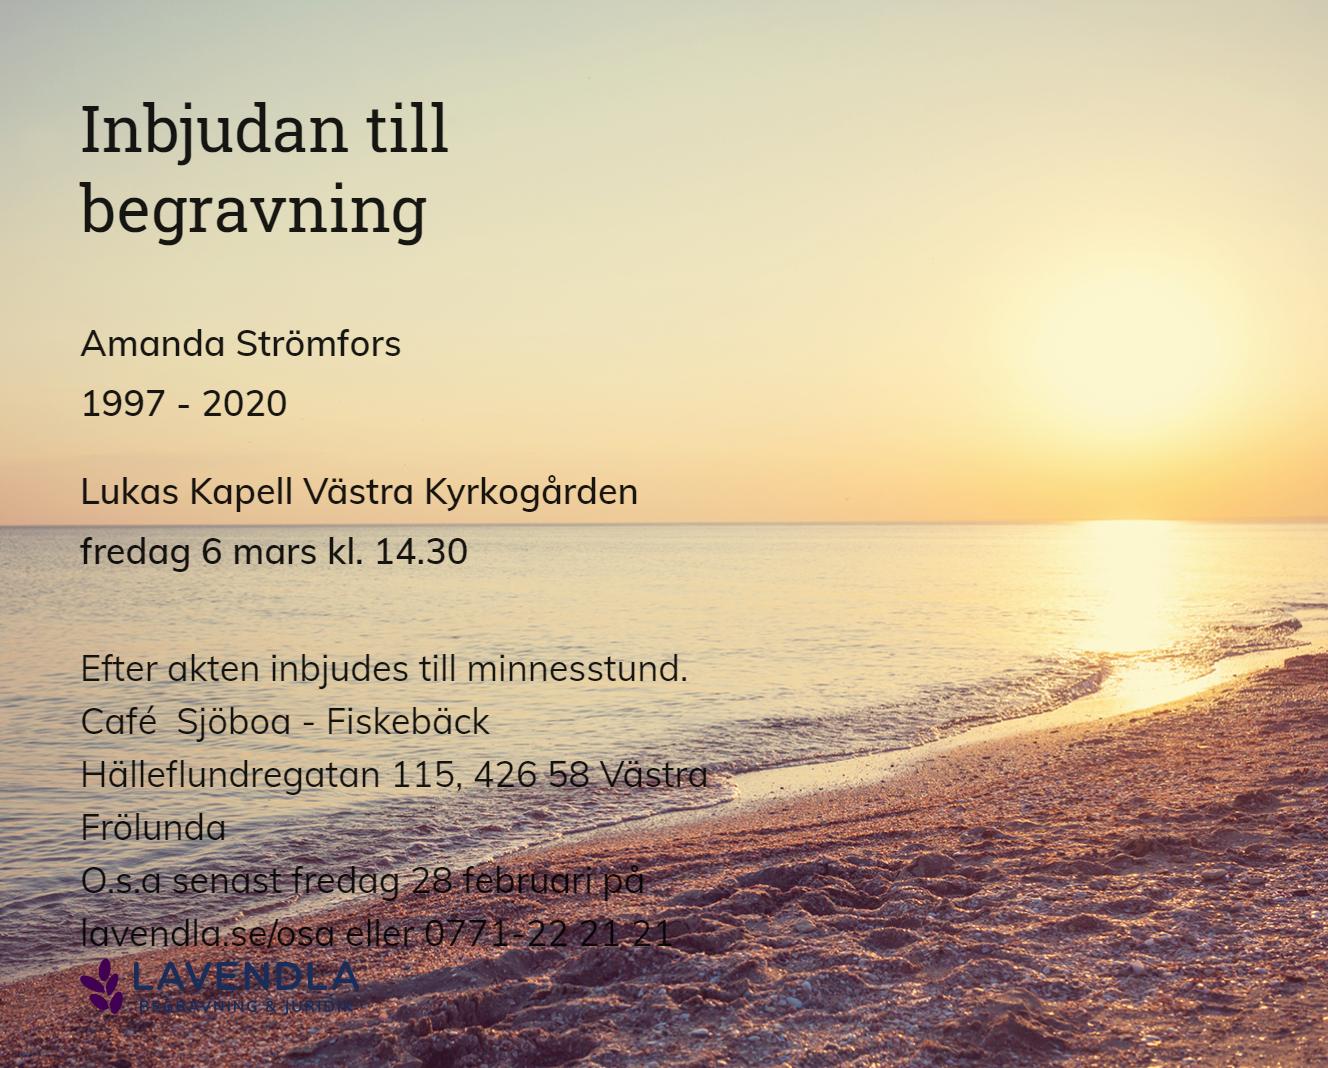 Inbjudningskort till ceremonin för Amanda Strömfors